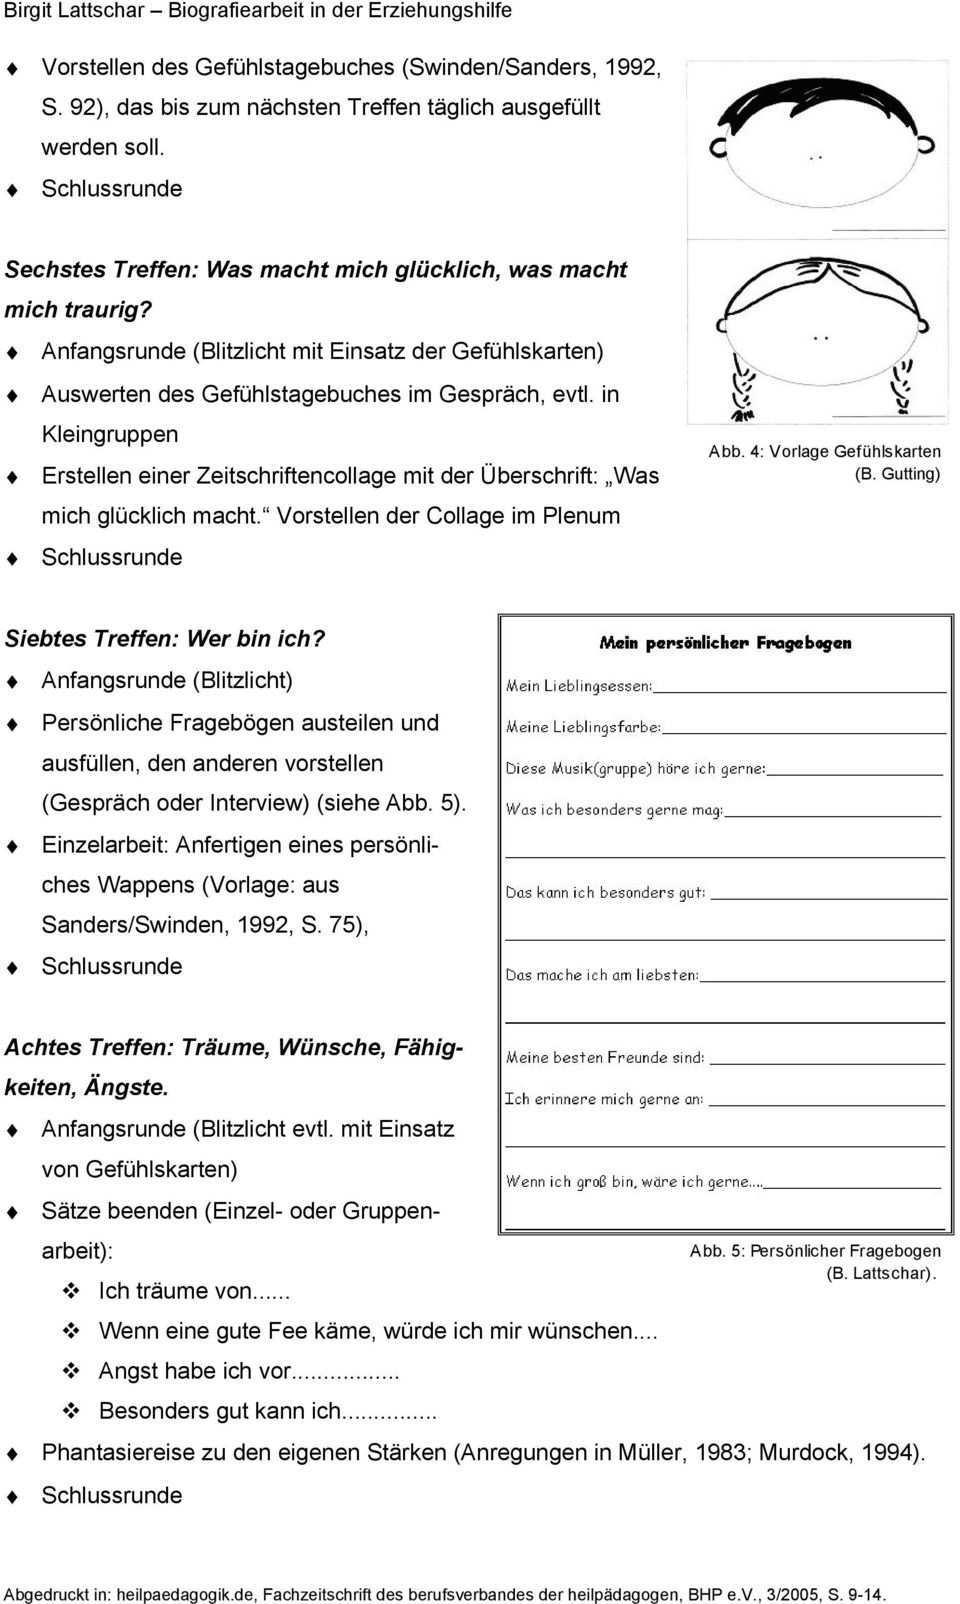 Biografiearbeit In Der Erziehungshilfe Pdf Kostenfreier Download